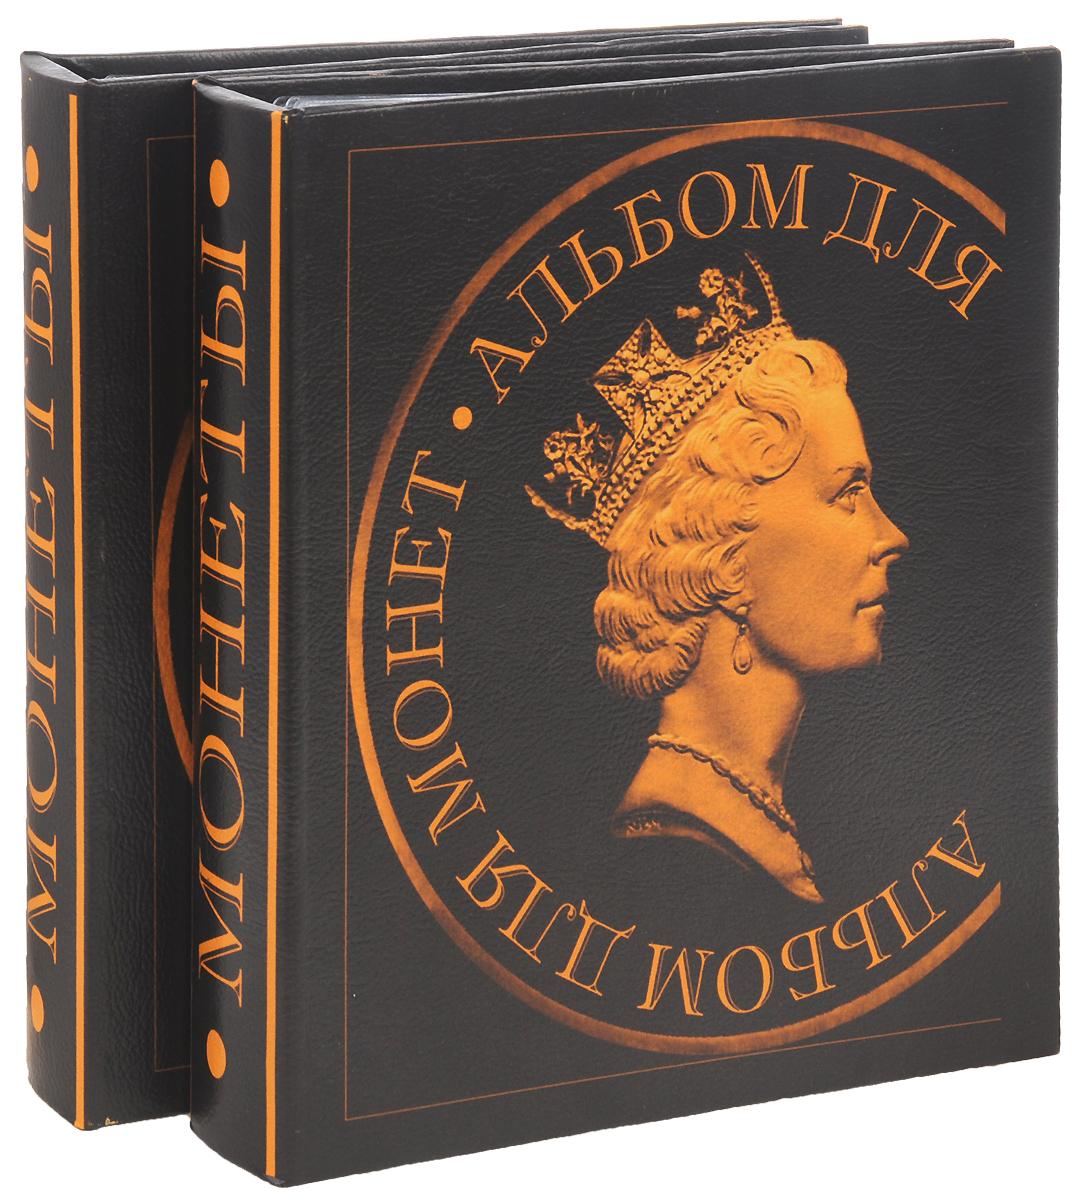 Альбом для монет Русские Подарки Королева Великобритании, на 480 монет, 2 шт. 184207184207Альбом Русские Подарки Королева Великобритании отлично подходит для хранения памятных 10-рублевых и схожих с ними по размеру монет. Альбом рассчитан на 480 монет: содержит 10 пластиковых листов, на каждом 48 ячеек. Крепятся листы при помощи кольцевого разъемного механизма. Обложка изделия выполнена из картона, обтянутого искусственной кожей, и оформлена изображением профиля королевы Великобритании. В комплект входят два одинаковых альбома. Такие альбомы станут отличным подарком для коллекционеров монет. Размер альбома: 26 см х 23 см х 4 см. Размер ячейки: 2,8 см х 2,8 см.